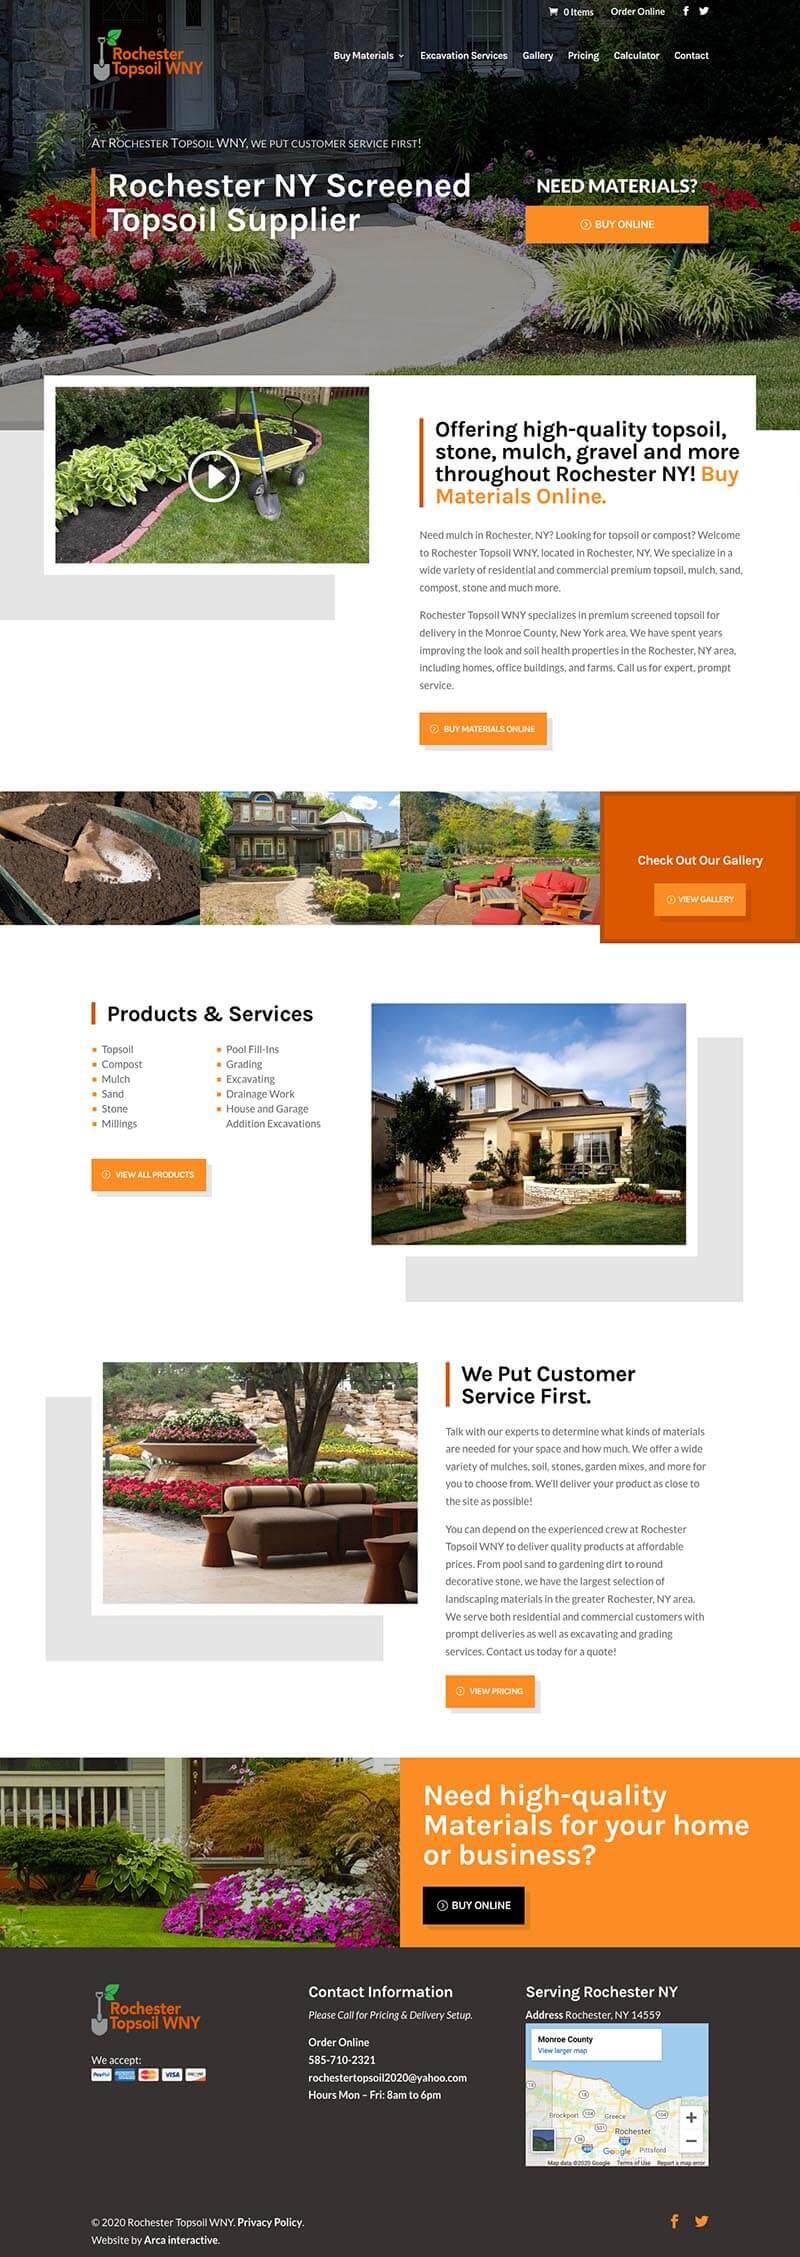 Roc Topsoil Web Design